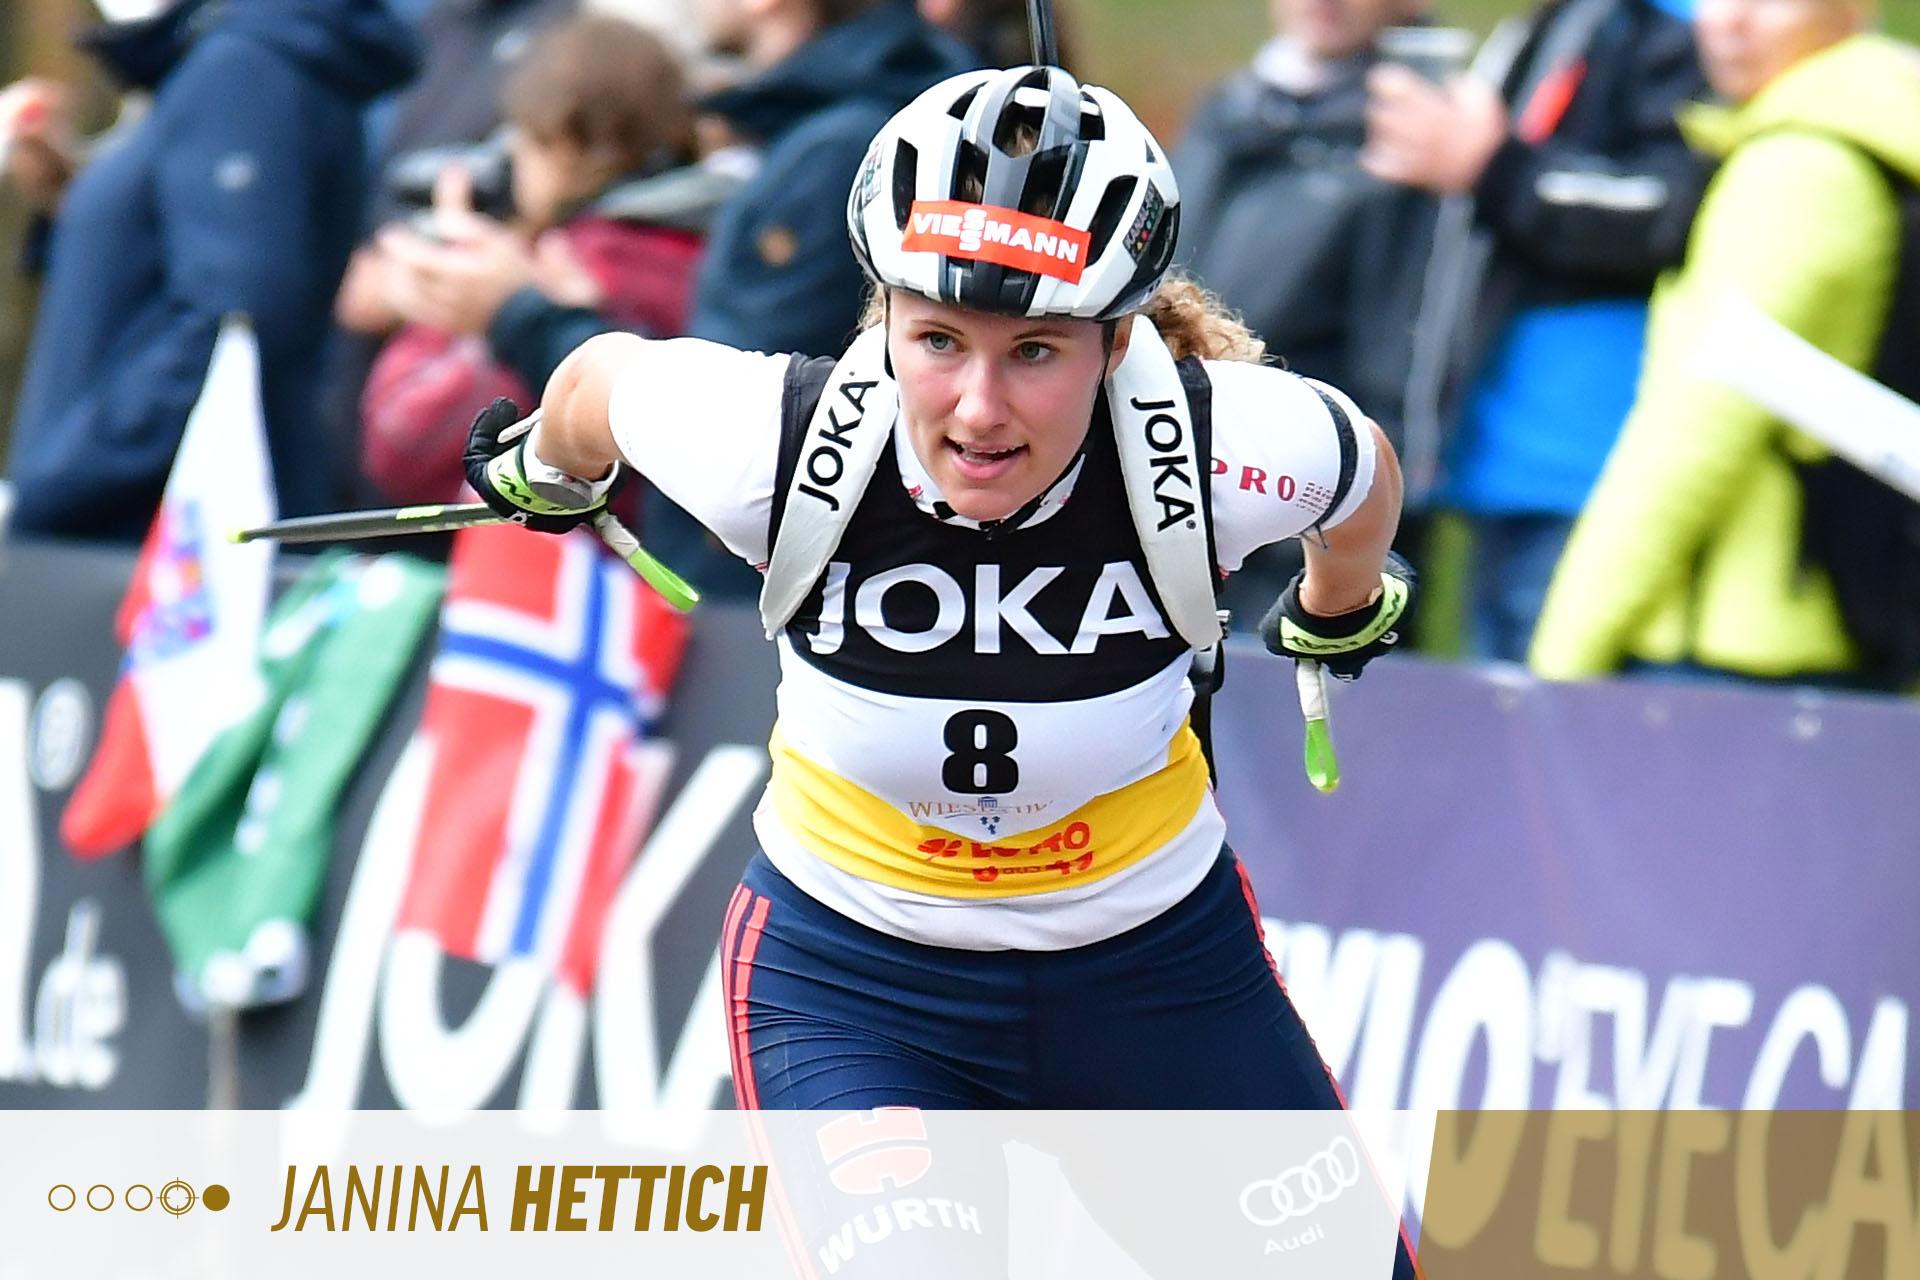 Athleten_JaninaHettich